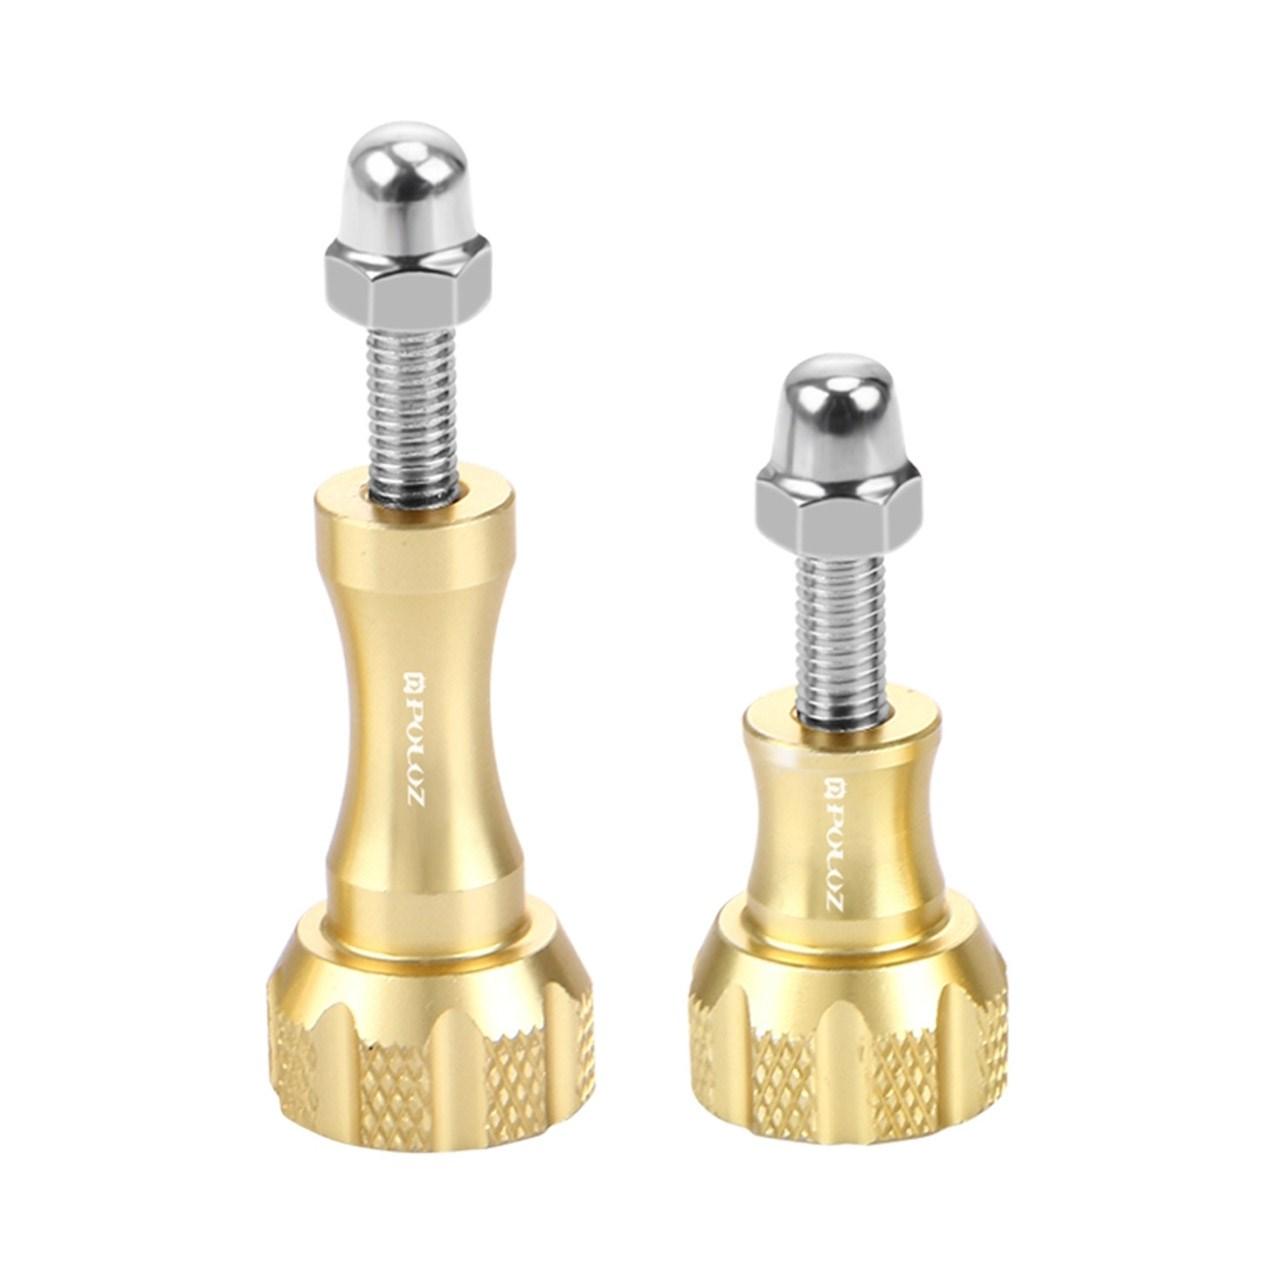 پیچ  آلومینیومی پلوز مدل Screw Set  مناسب برای دوربین ورزشی بسته 2 عدد